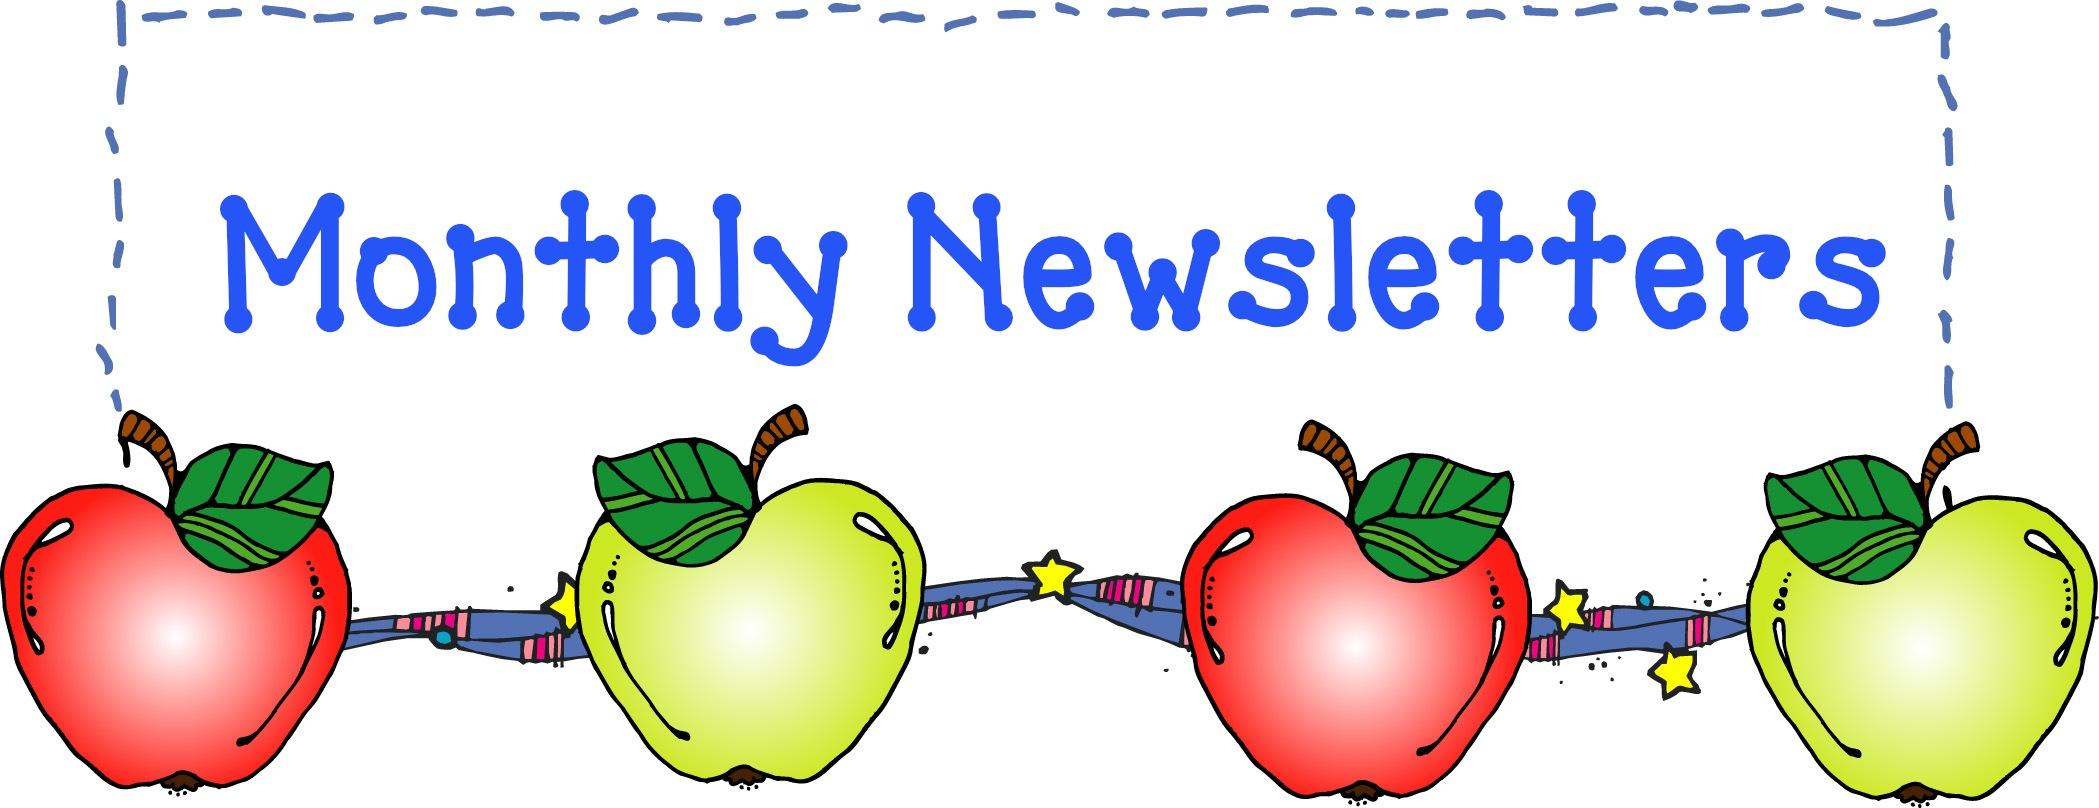 2099x808 Newsletter Clip Art Amp Newsletter Clipart Images